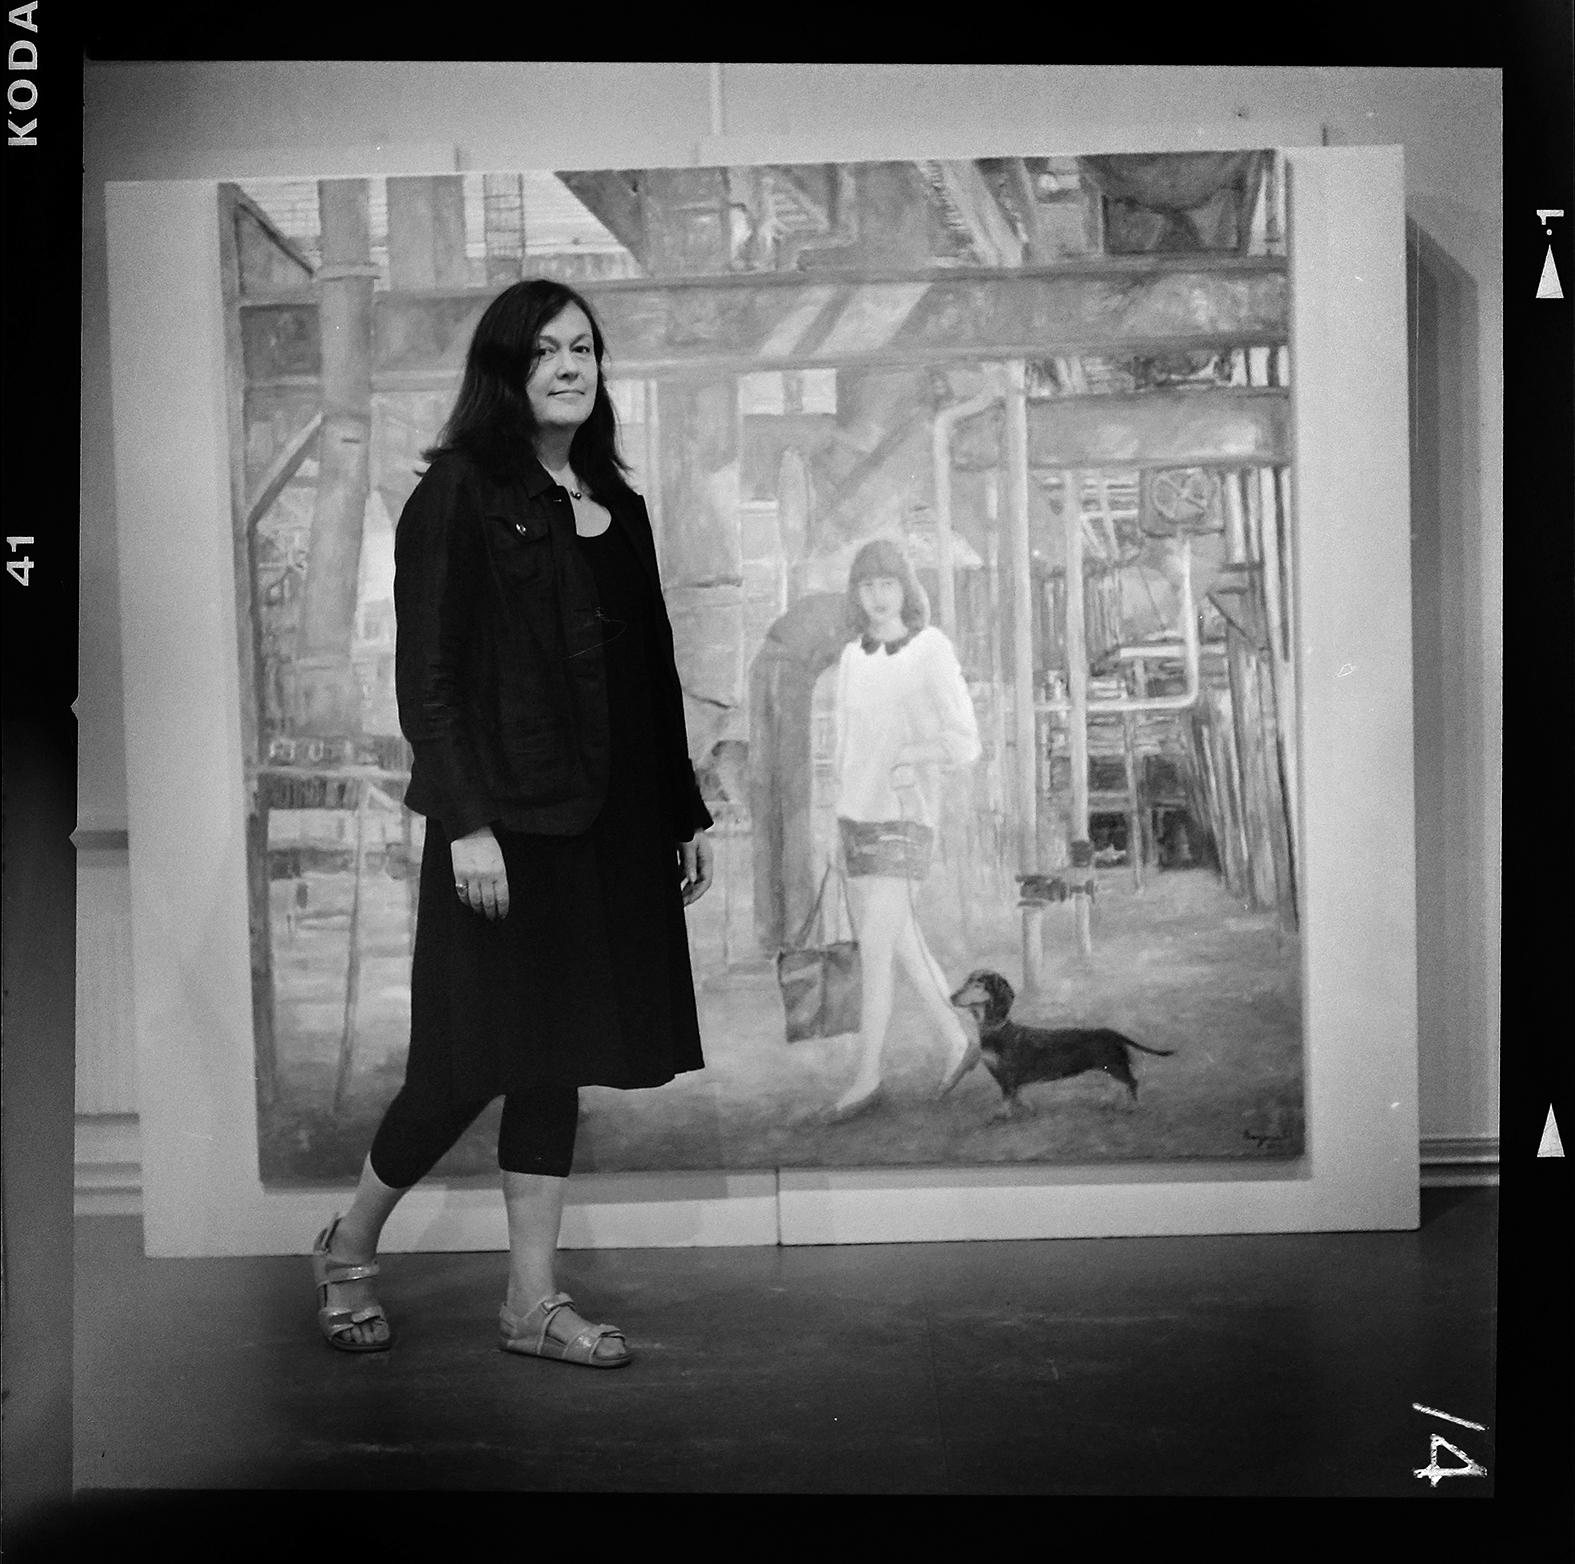 Konstnären Eva Bergenwall framför ett av sina verk. Foto: Mikael Andersson, 2016-06-09, Hasselblad 500 CM, 150mm, f4-1/30 sek.